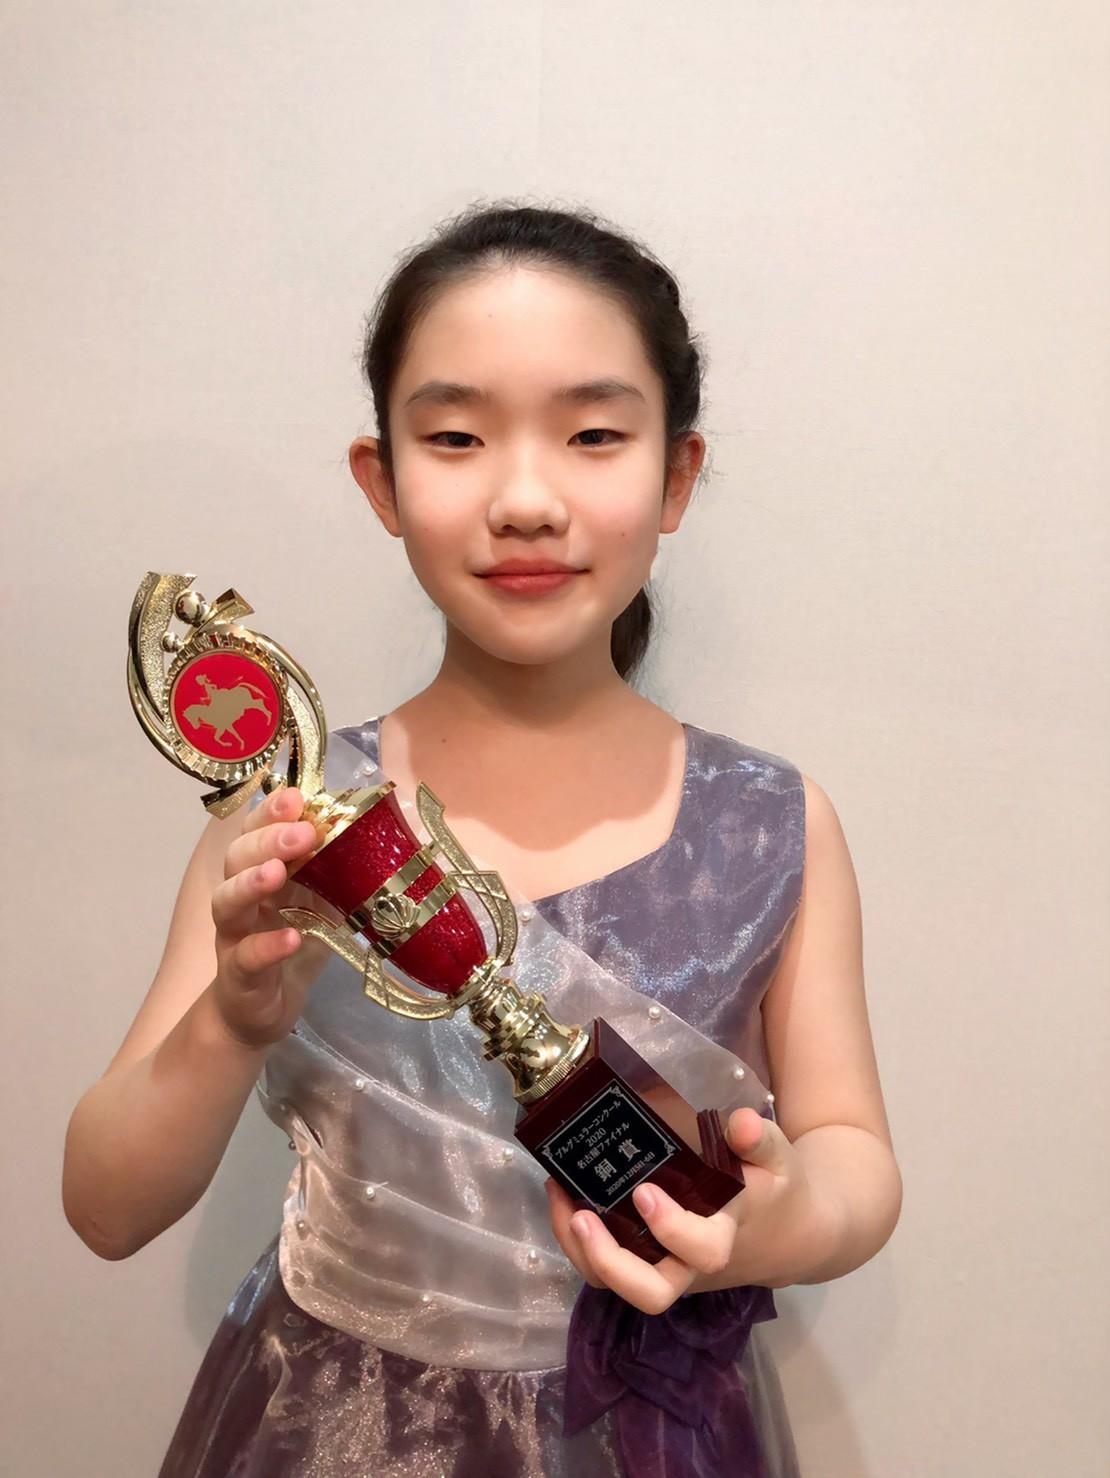 ブルクミュラーコンクール名古屋ファイナル銅賞受賞